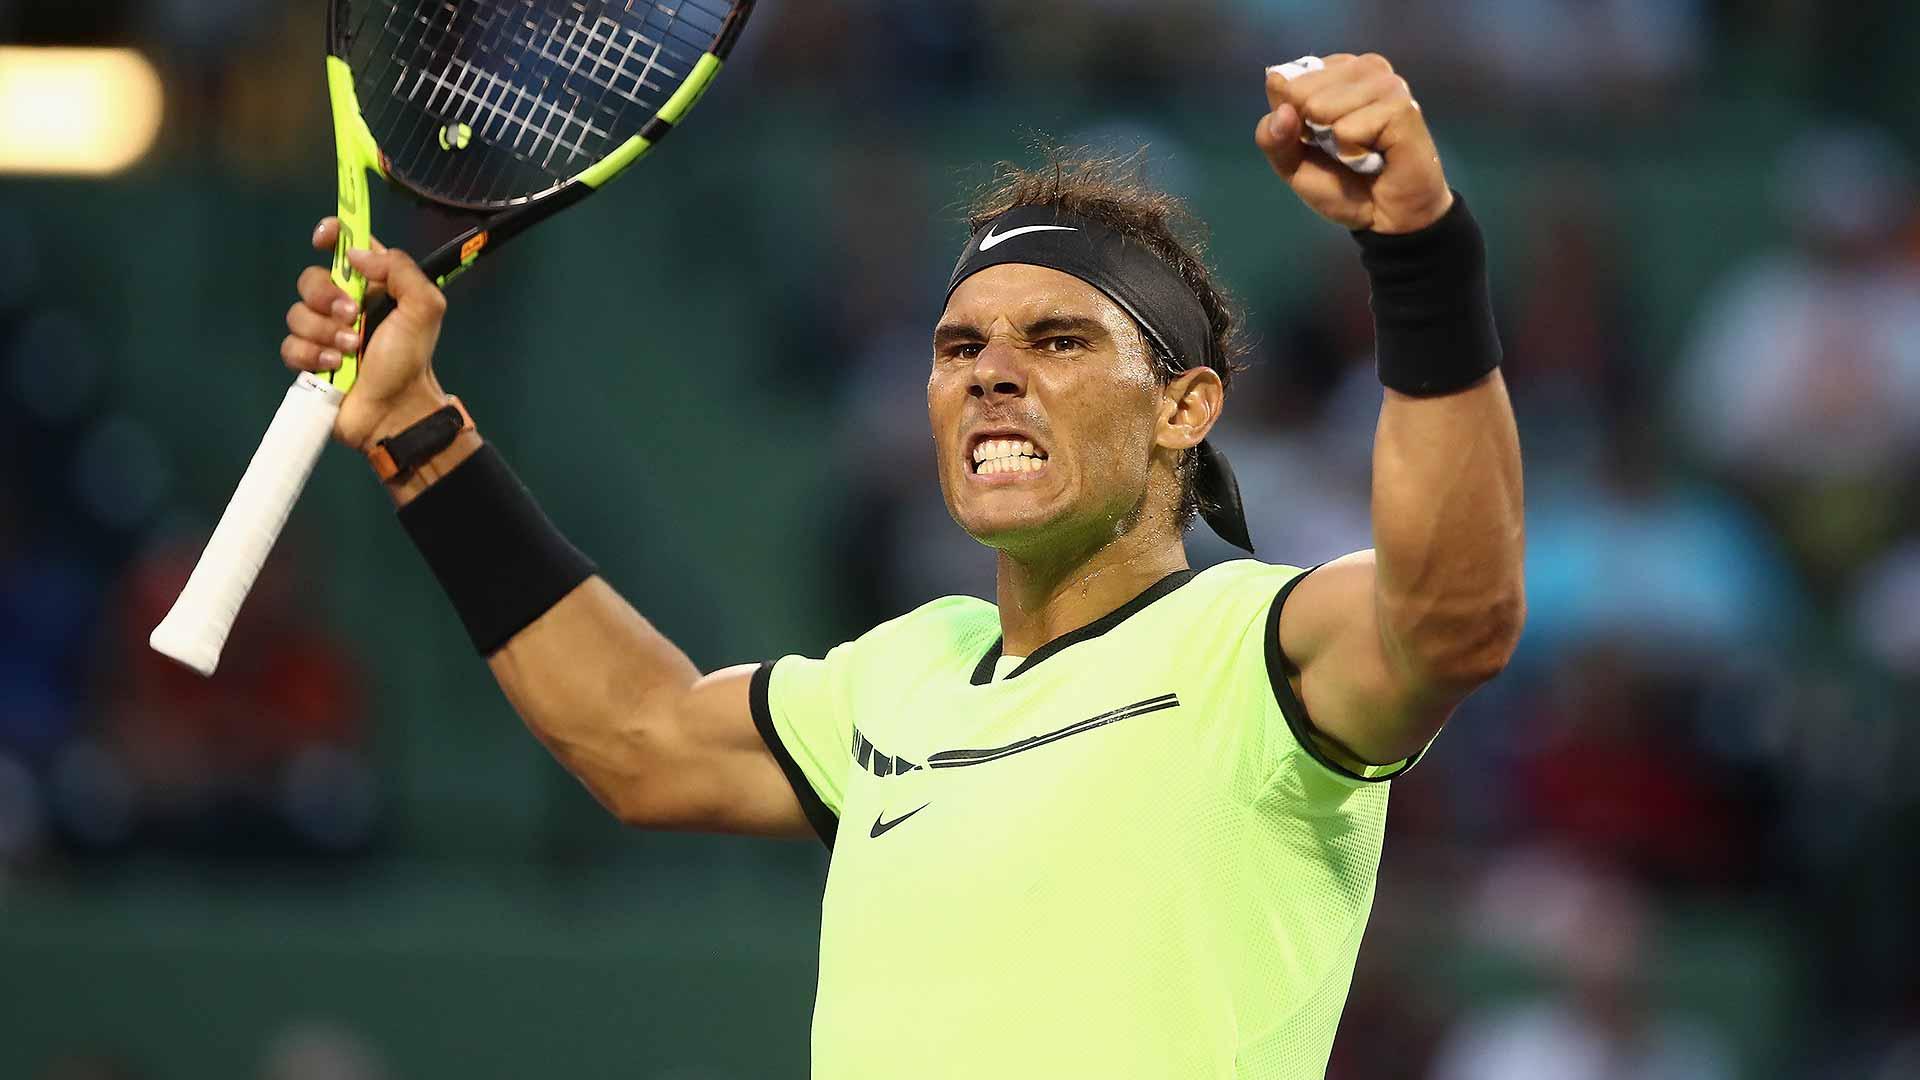 Pronósticos deportivos en tenis